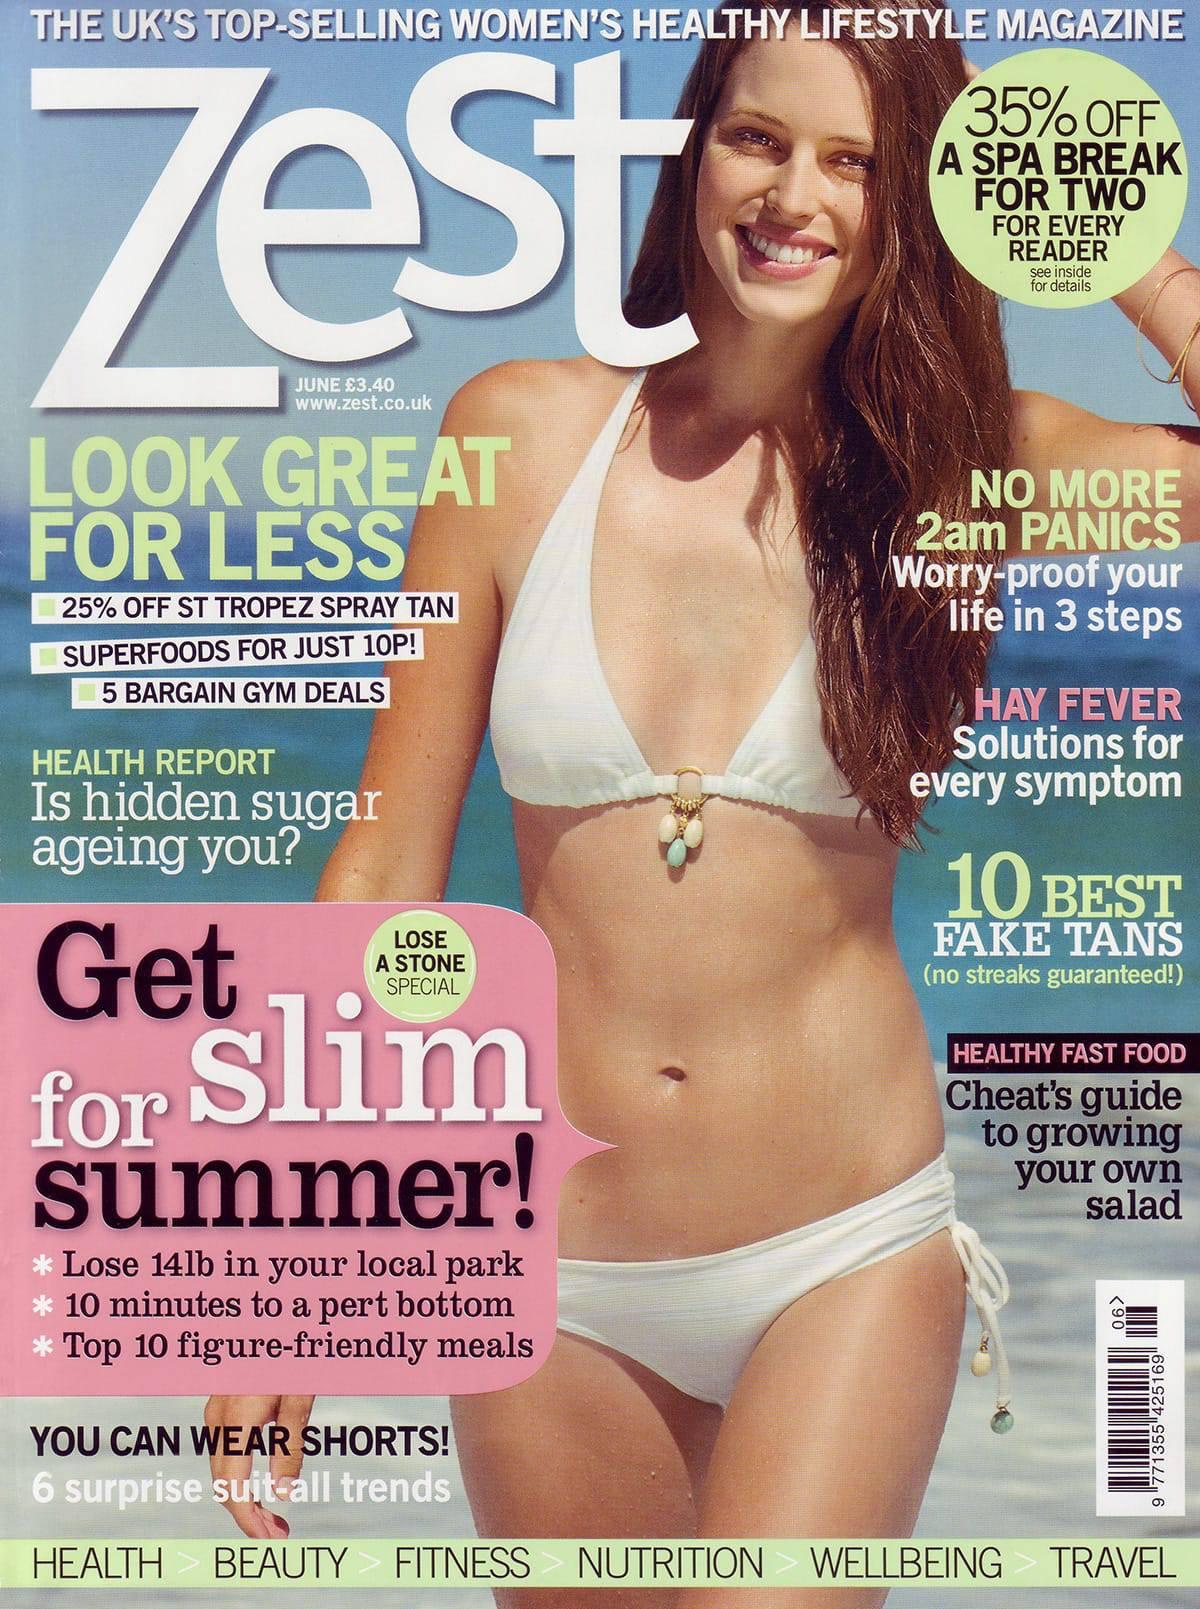 ZEST June 09 cover